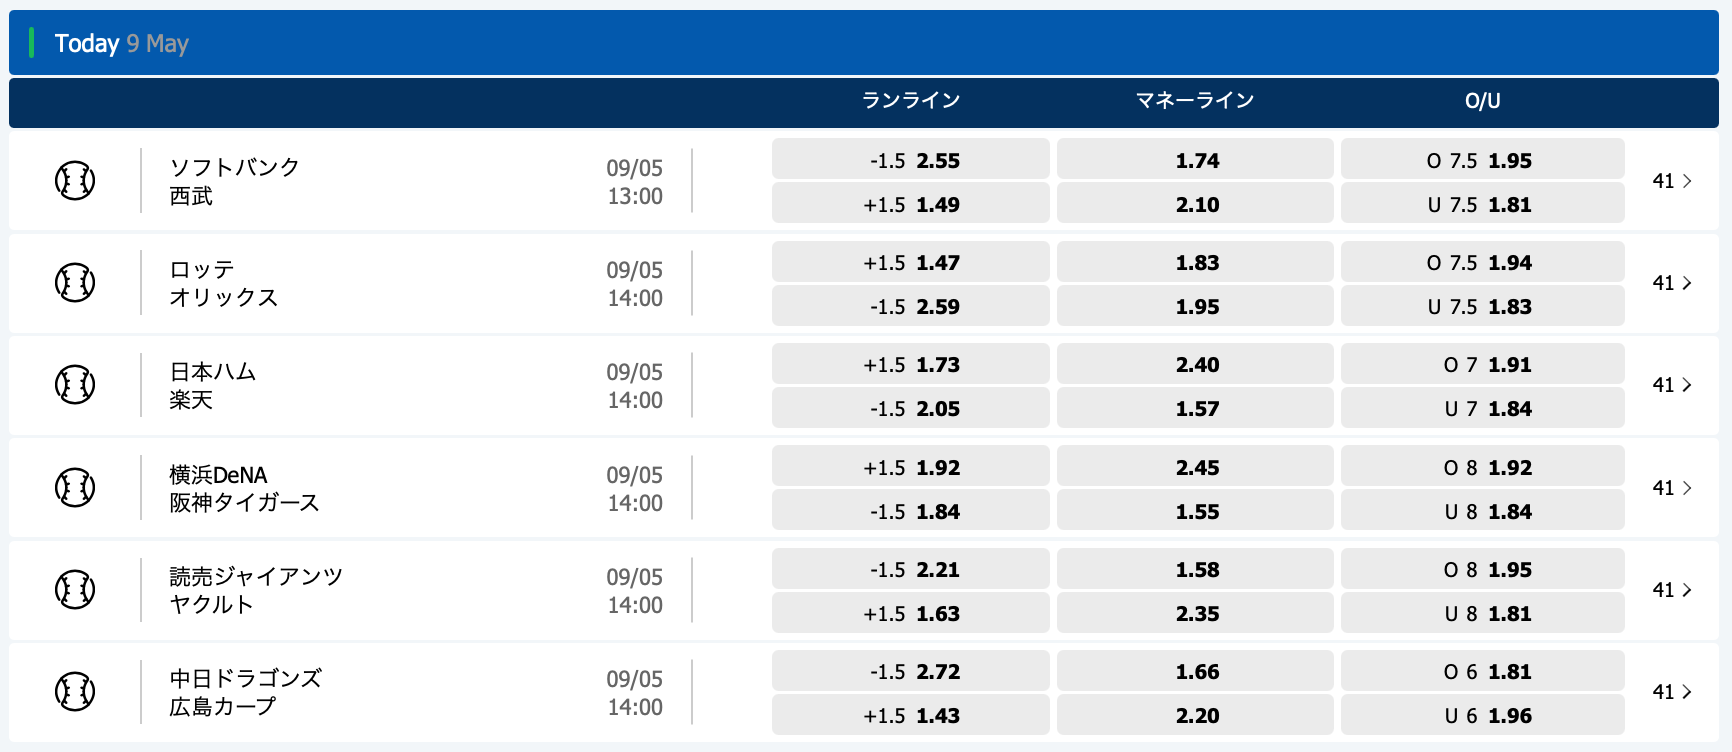 2021年5月9日プロ野球オッズ・10bet Japan